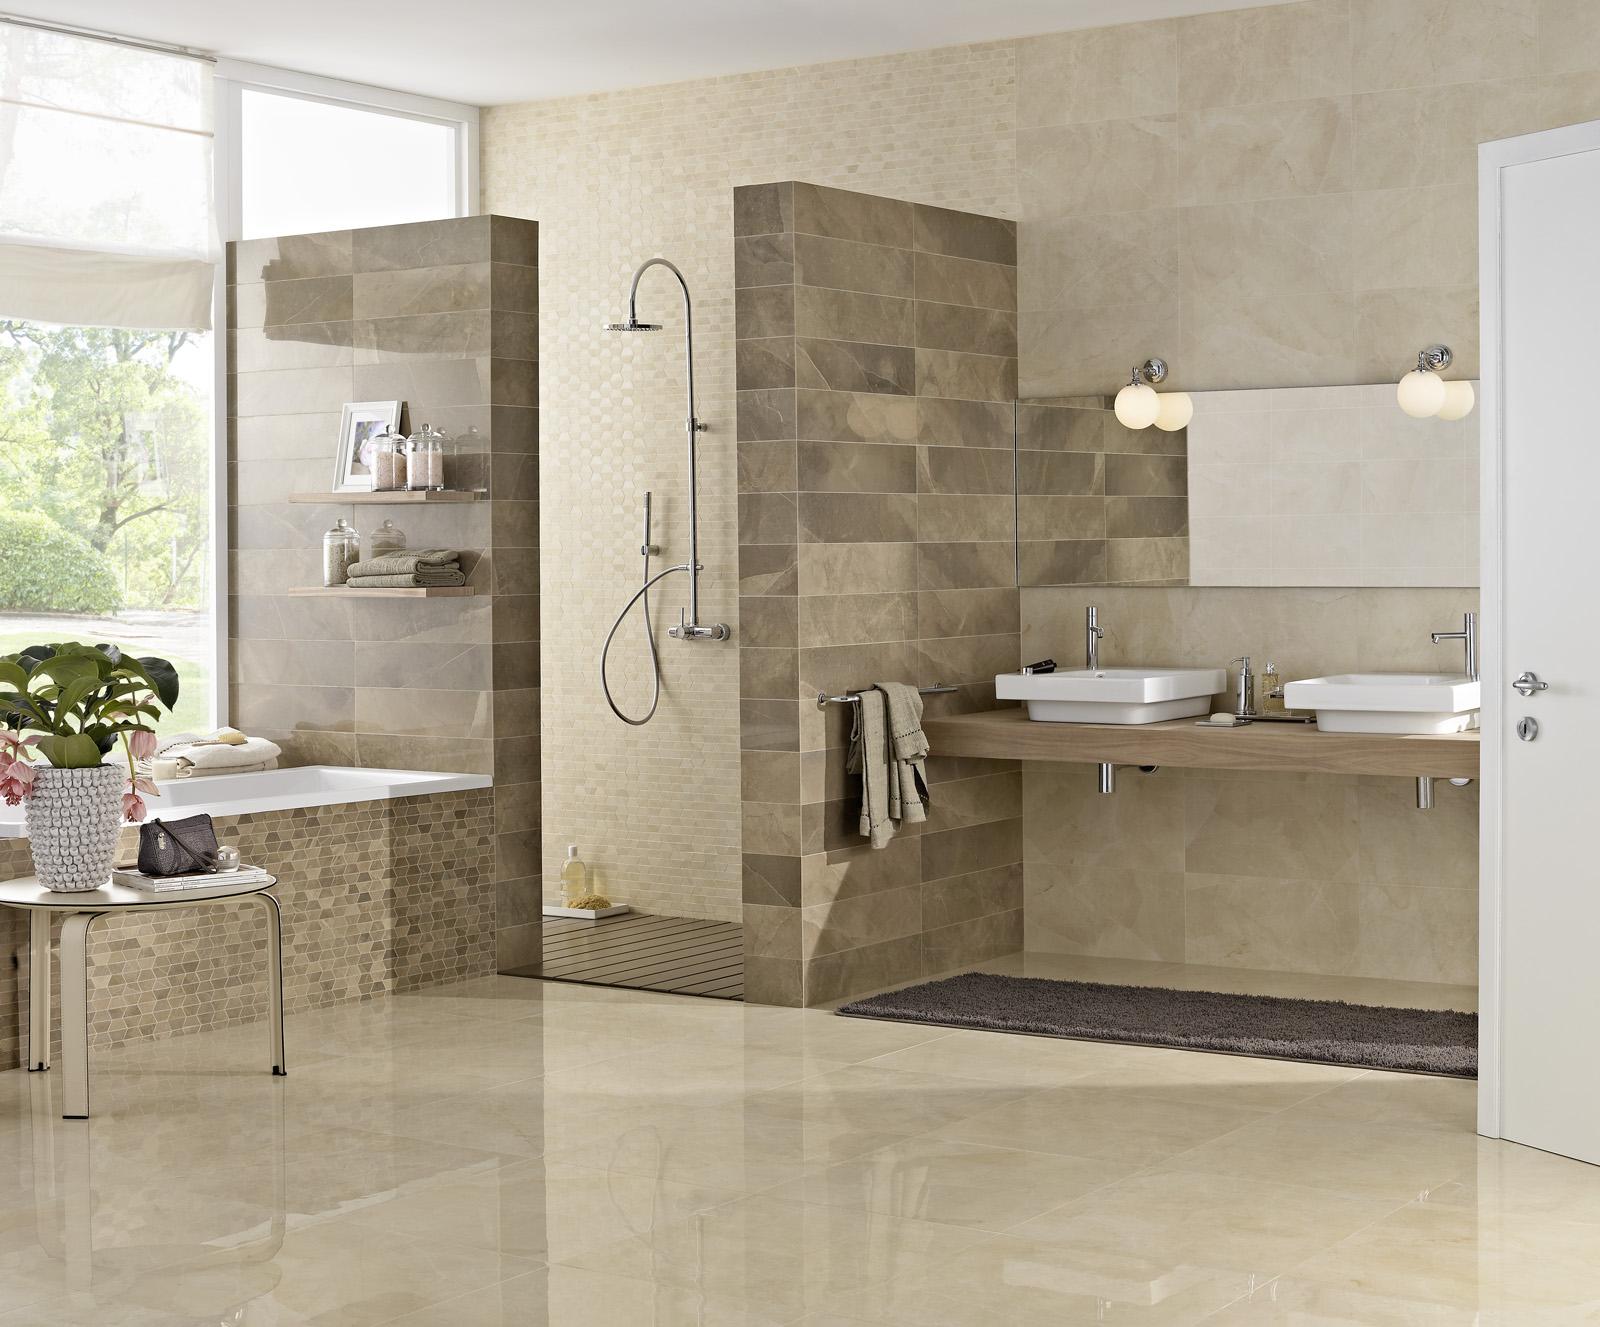 Evolutionmarble gres porcellanato effetto marmo marazzi - Piastrelle di marmo ...